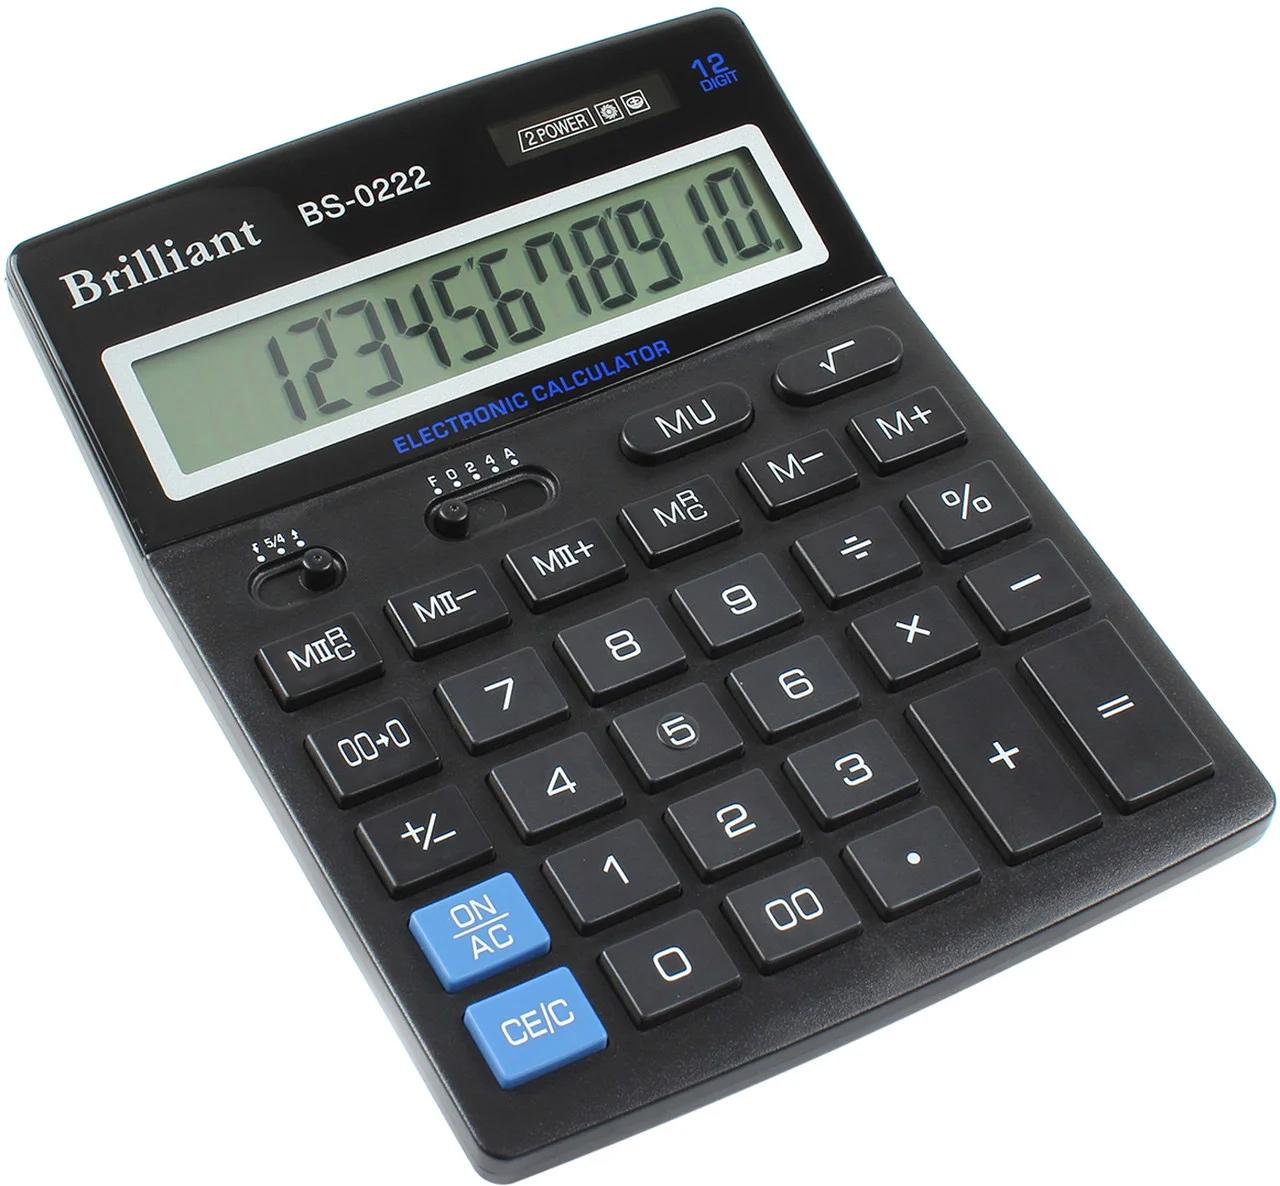 Калькулятор бухгалтерский BS-0222, 12 разрядов, 140х176х45мм, черн. Brilliant - фото 1